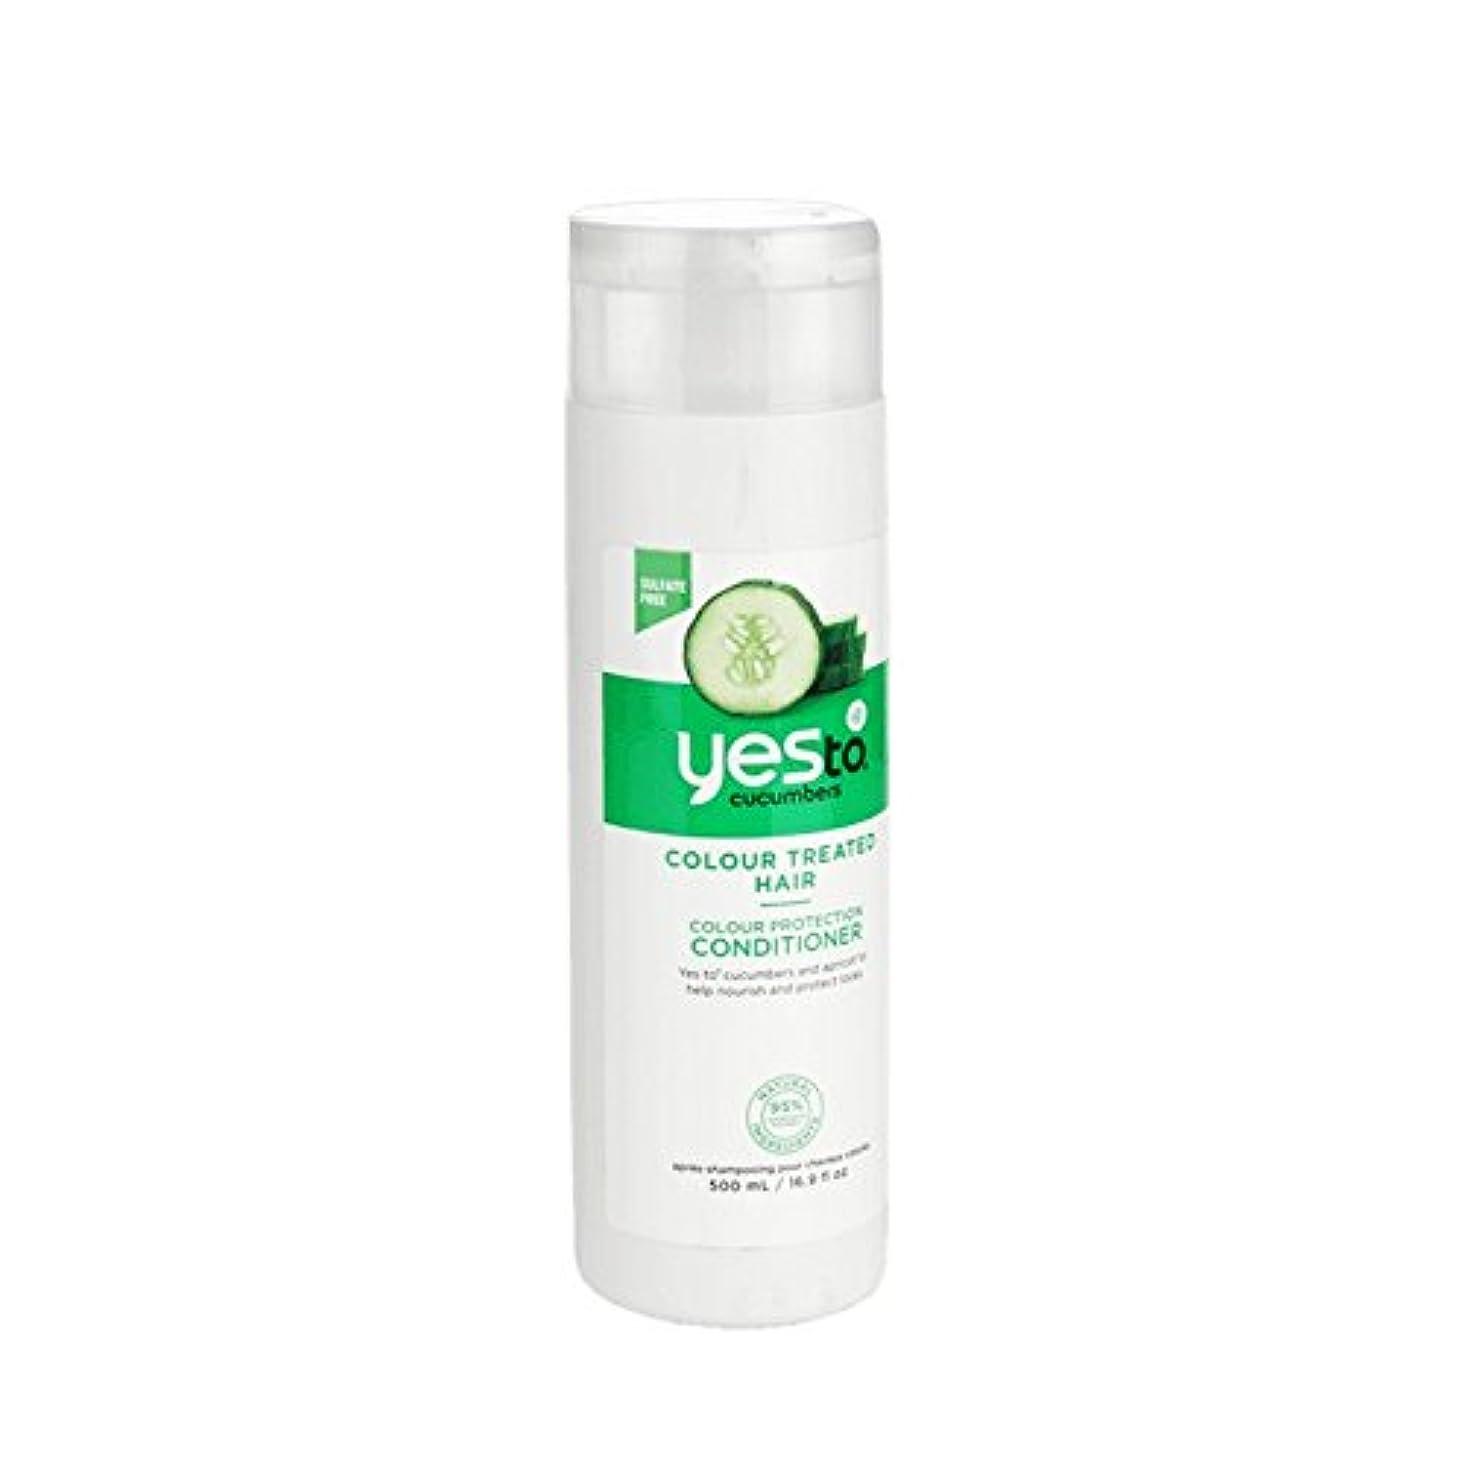 武器ソファー反逆はいキュウリの色の保護コンディショナー500ミリリットルへ - Yes To Cucumbers Colour Protection Conditioner 500ml (Yes To) [並行輸入品]